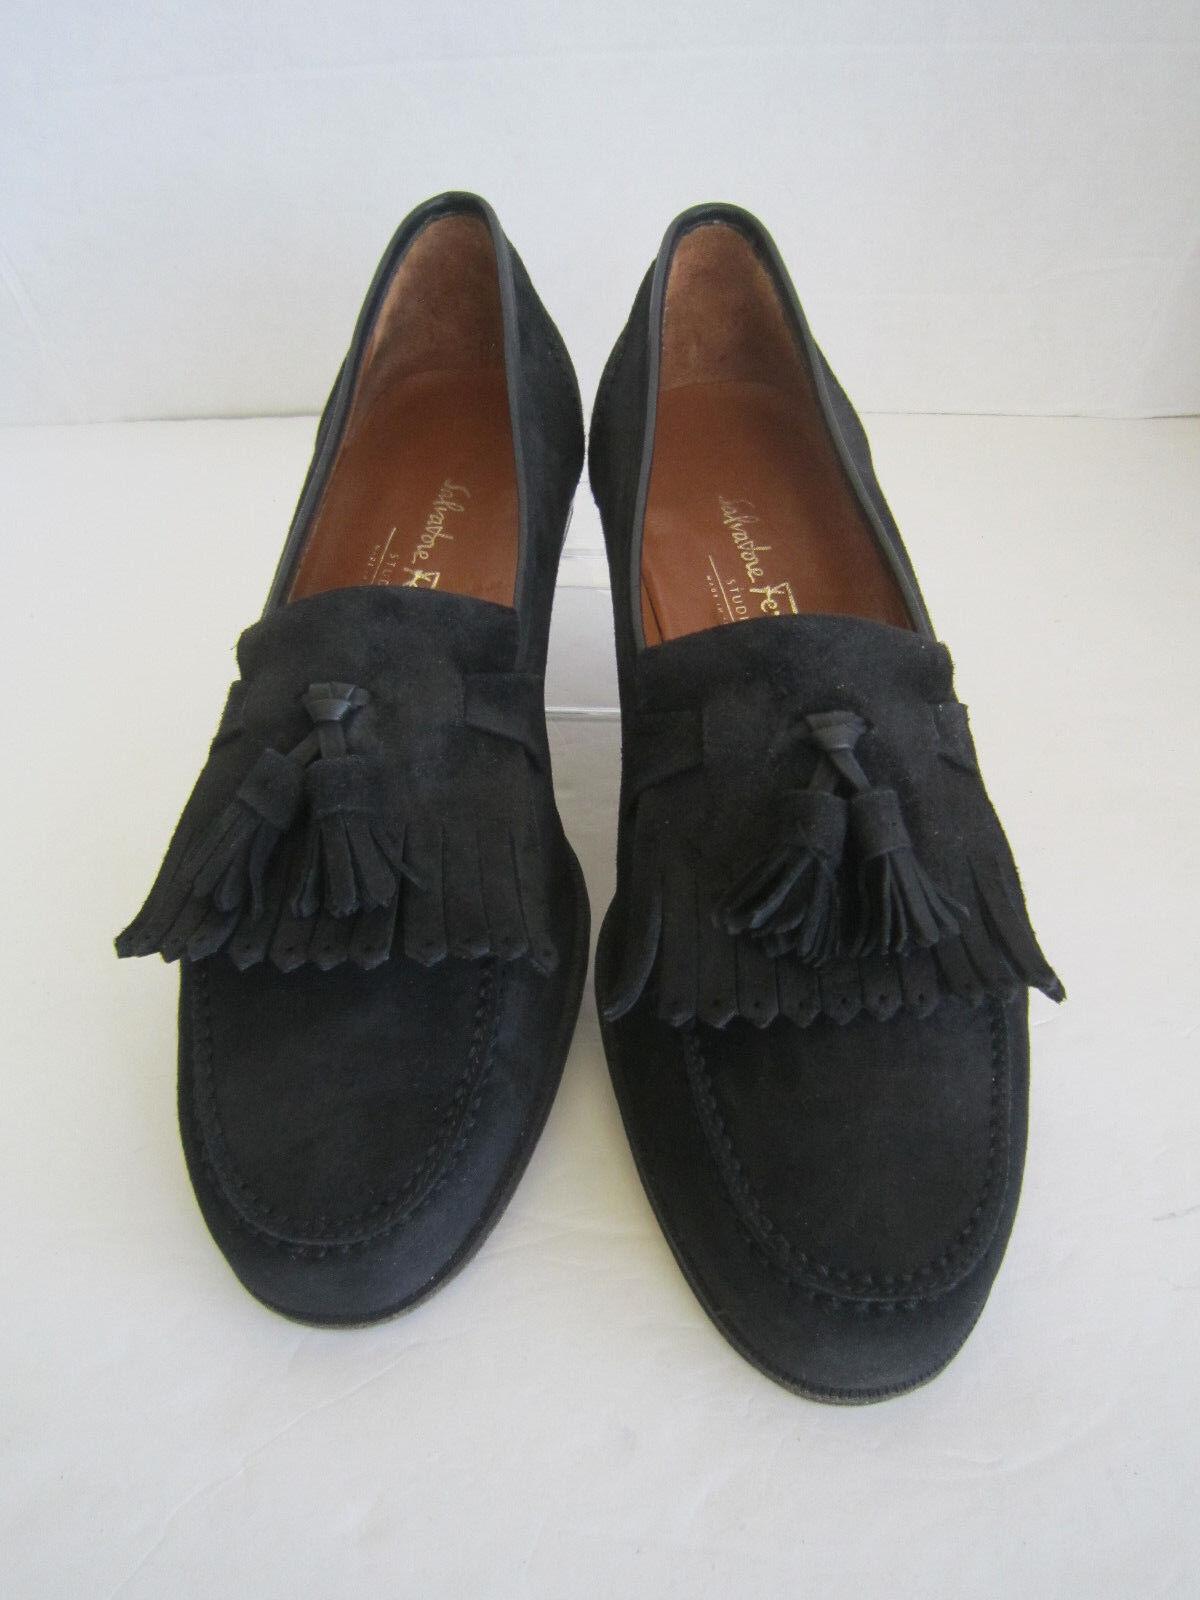 Salvatore Ferragamo Italia Negro Gamuza Borla Mocasines Zapatos Talla 9 D